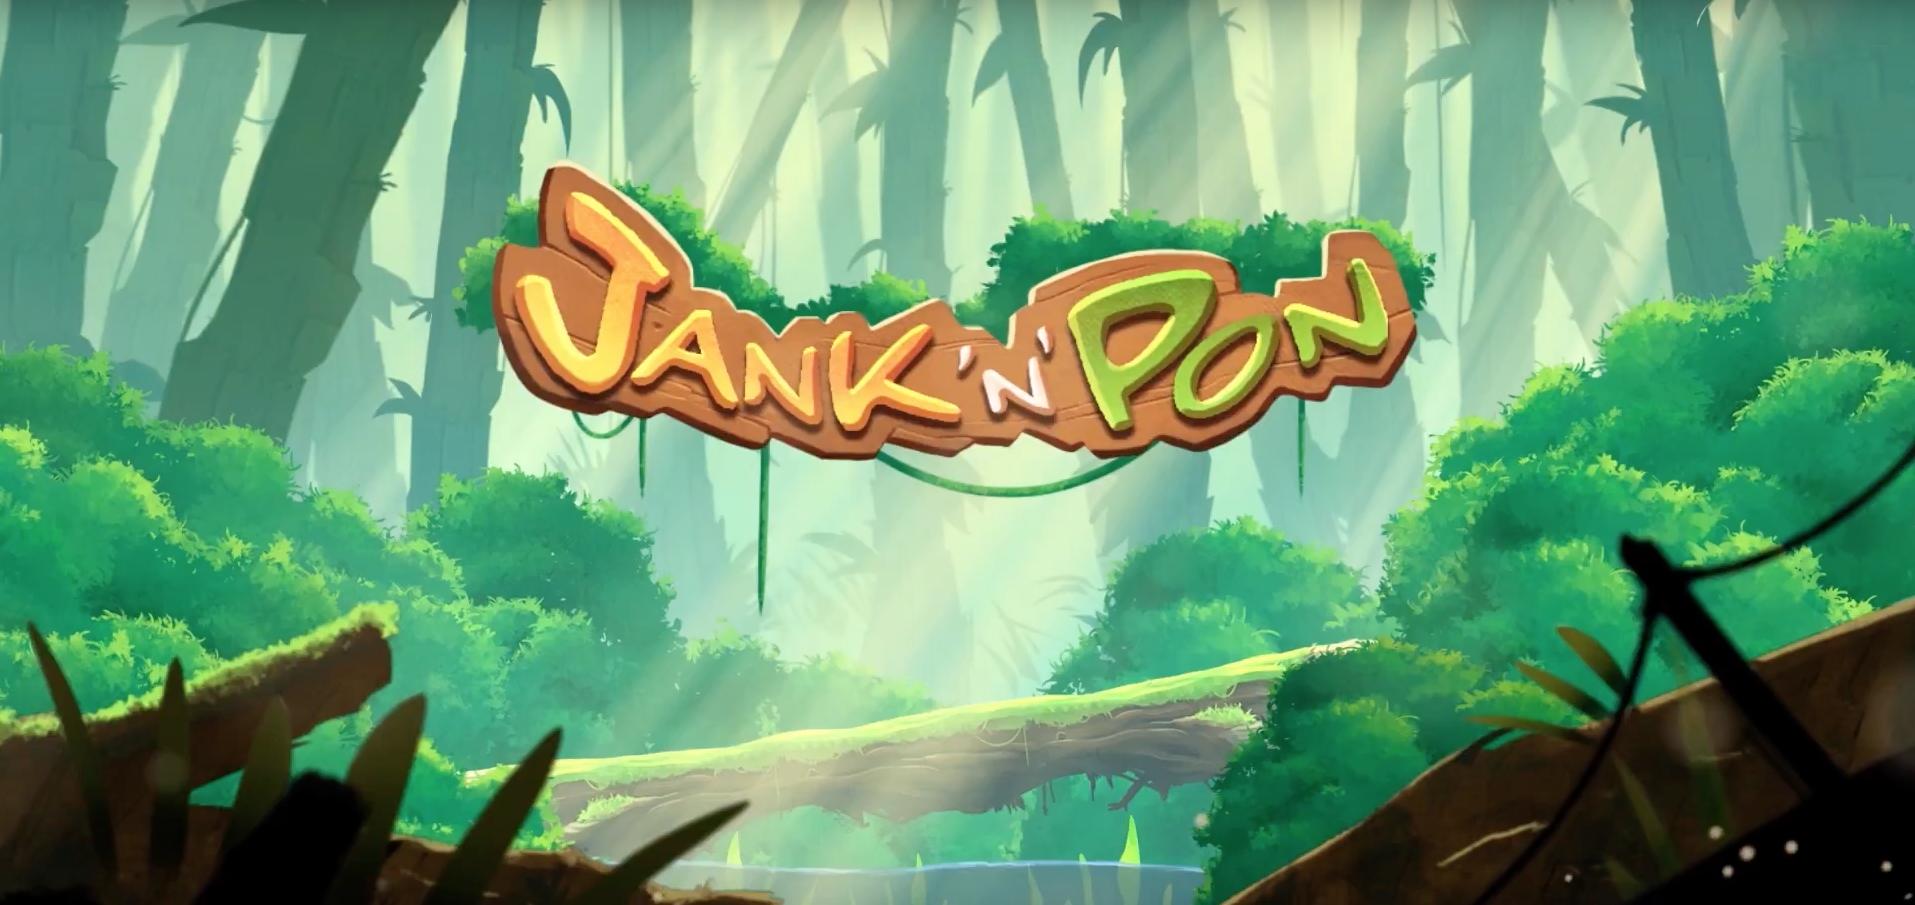 jank-n-pon-ecv-game